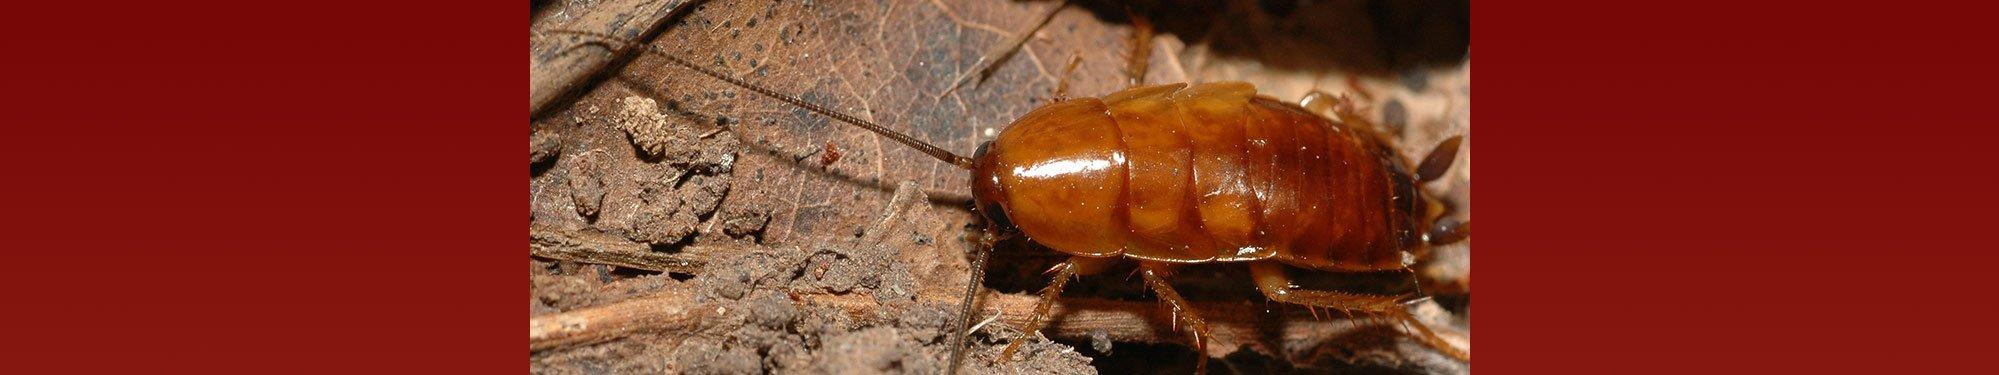 Kakerlakker - vi fjerner dem effektivt